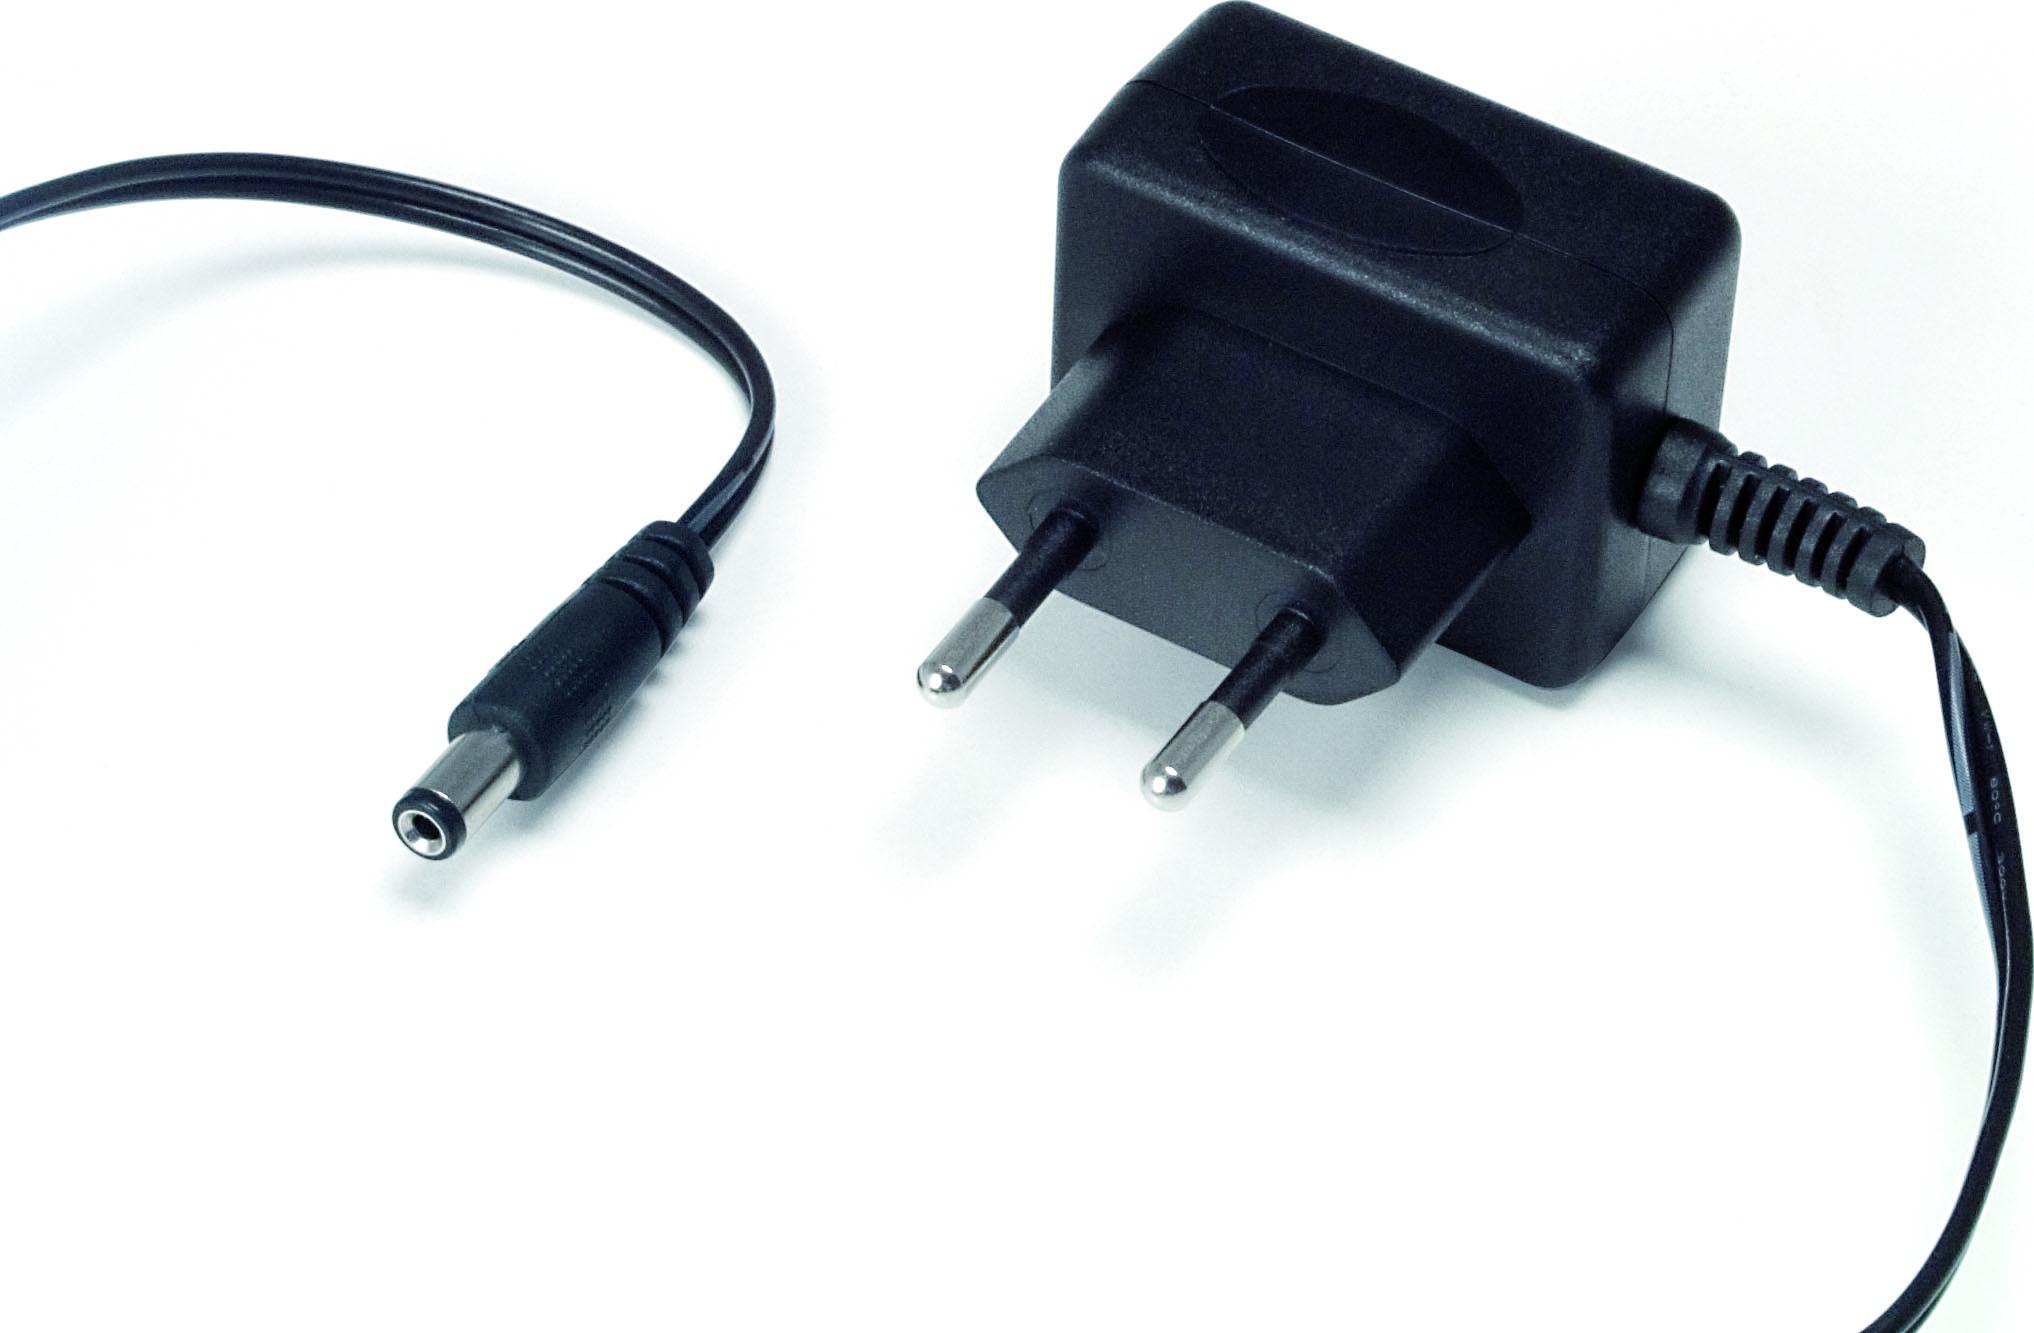 Boxy AC-adapter